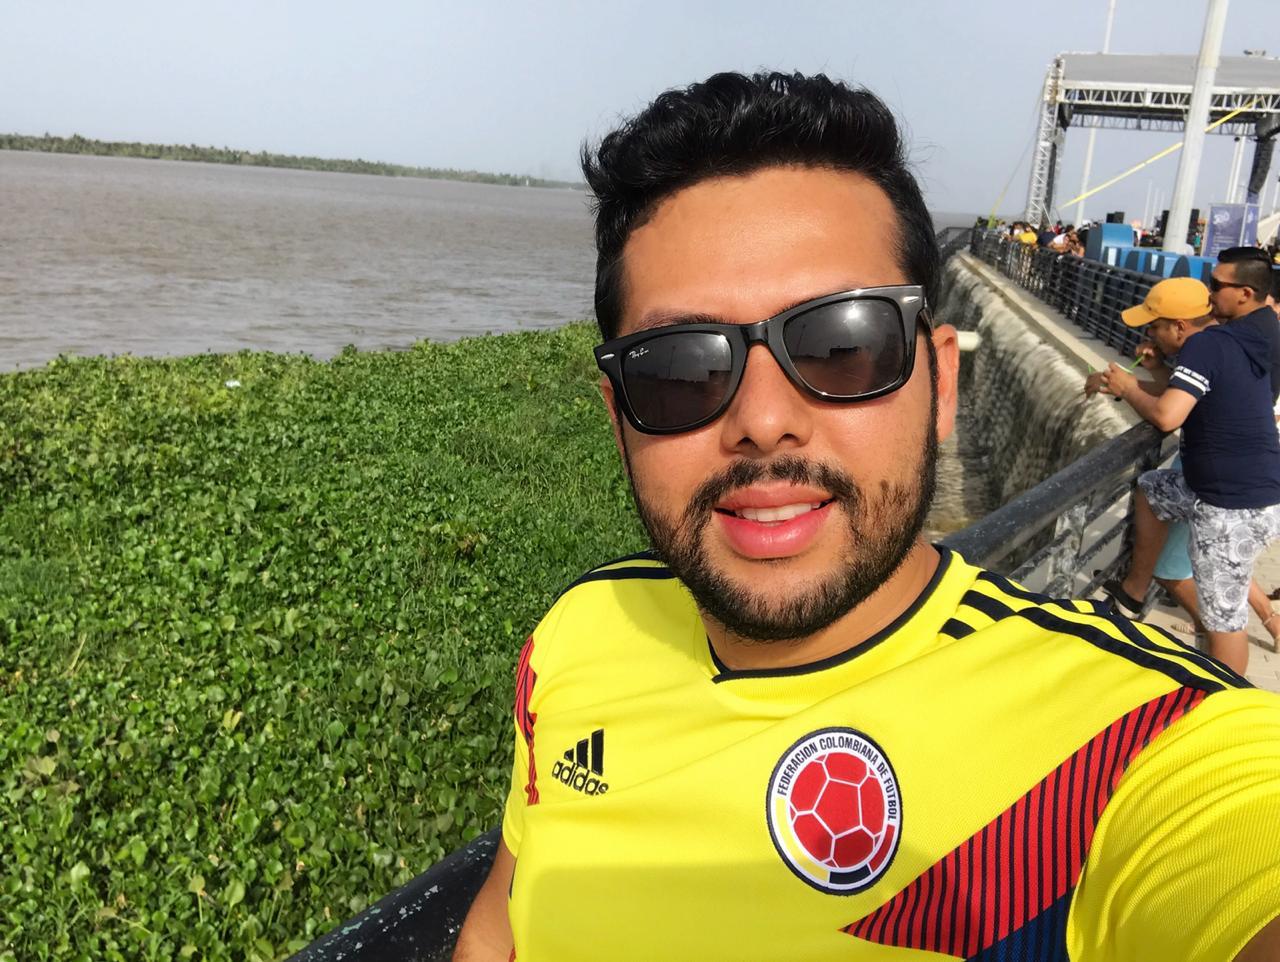 """Siempre había escuchado de una ciudad industrial en la costa que no tenía nada turístico ni de interés: Barranquilla. Ya conocía Cartagena y Santa Marta pero jamás me había interesado por """"esa ciudad de allá que hacen es que un carnaval pero que no tiene playa"""", así decían."""